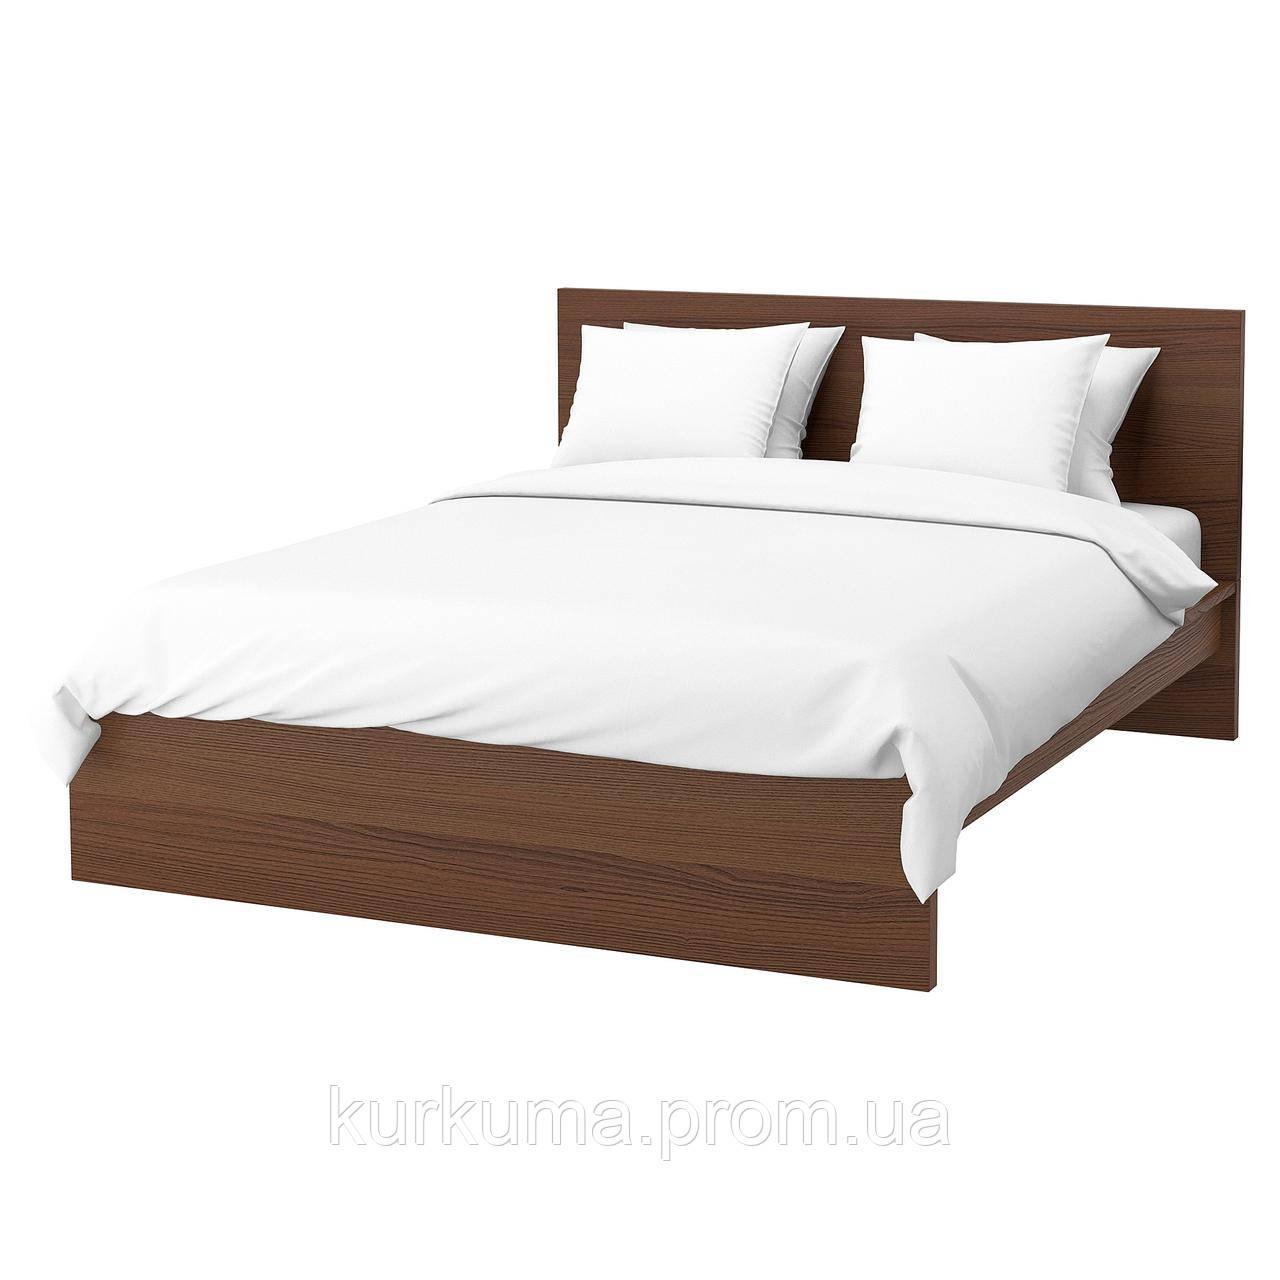 IKEA MALM Кровать высокая, коричневый шпон из окрашенного ясеня, Лонсет  (591.570.51)